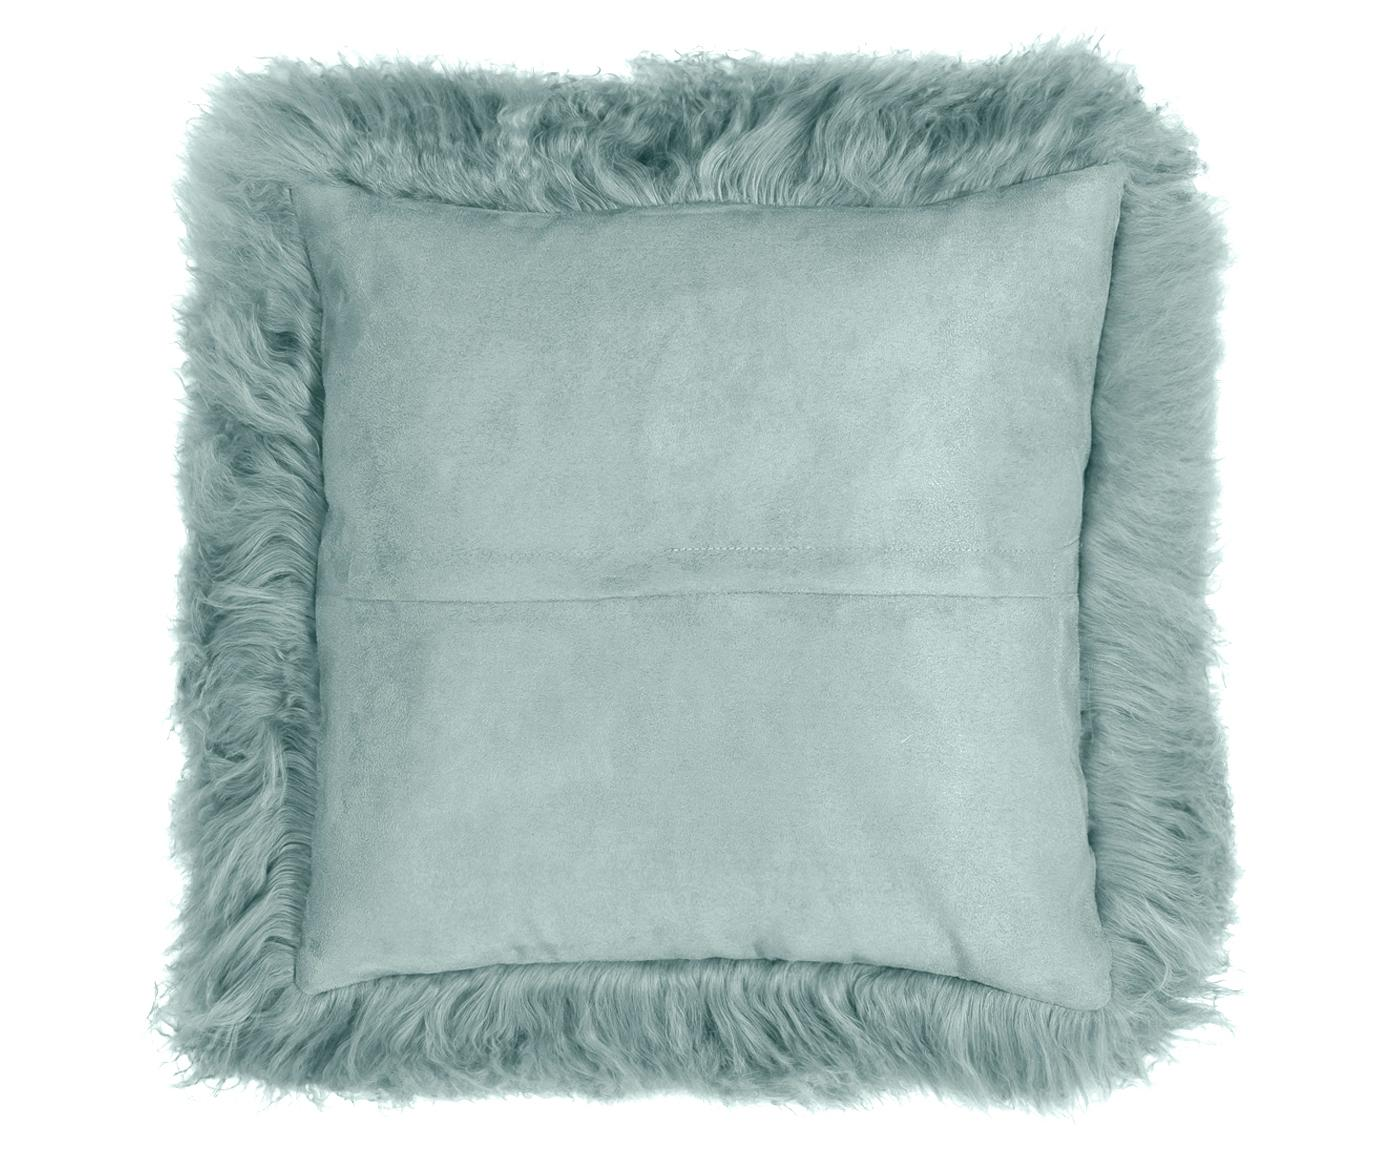 Poszewka na poduszkę ze skóry jagnięcej o długim włosiu Ella, Ciemnyturkusowy, S 40 x D 40 cm